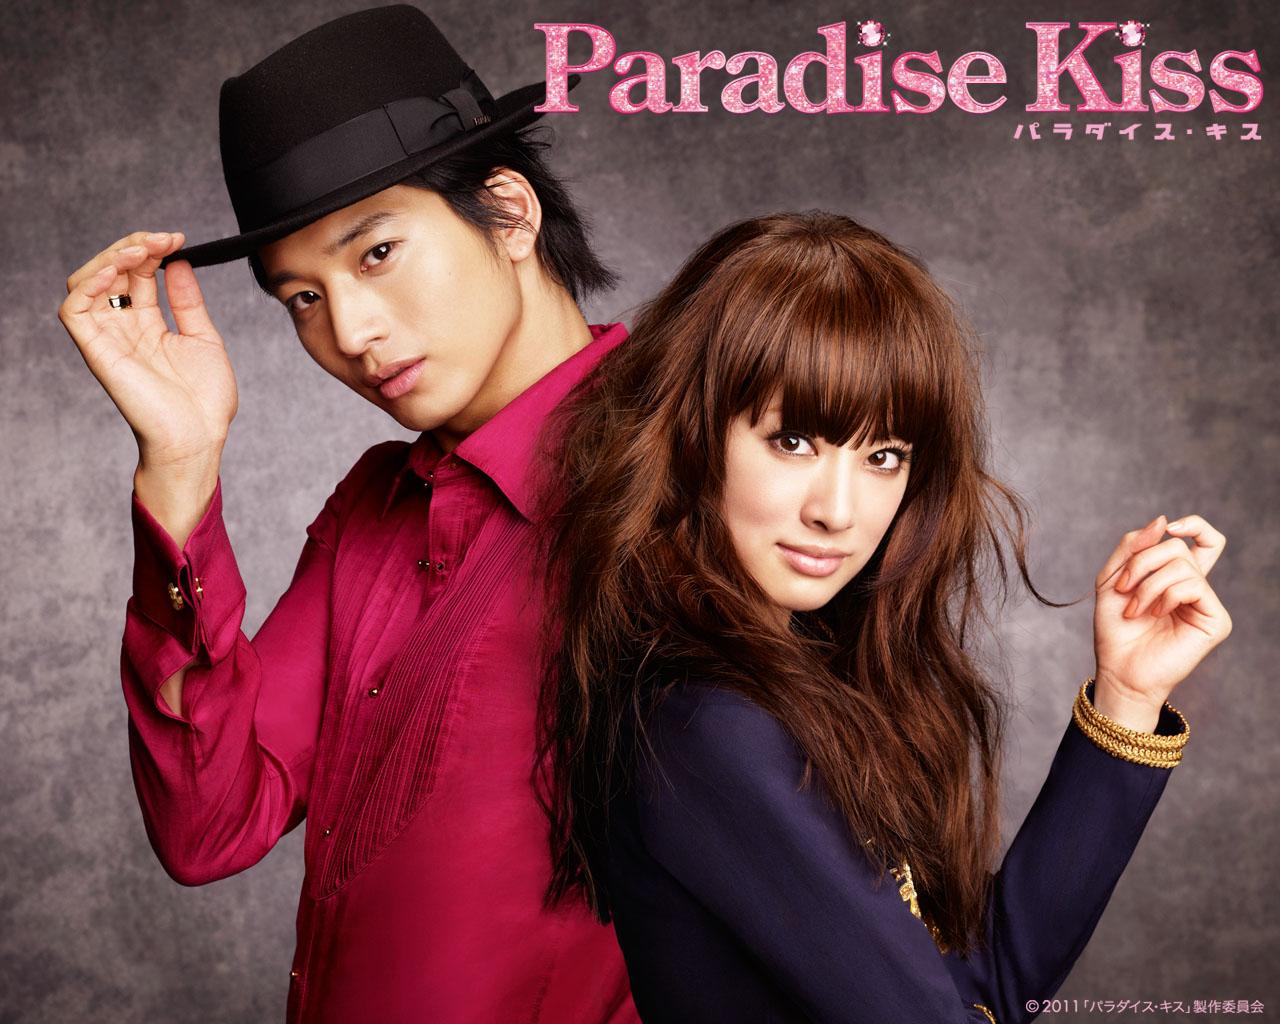 パラダイス キス